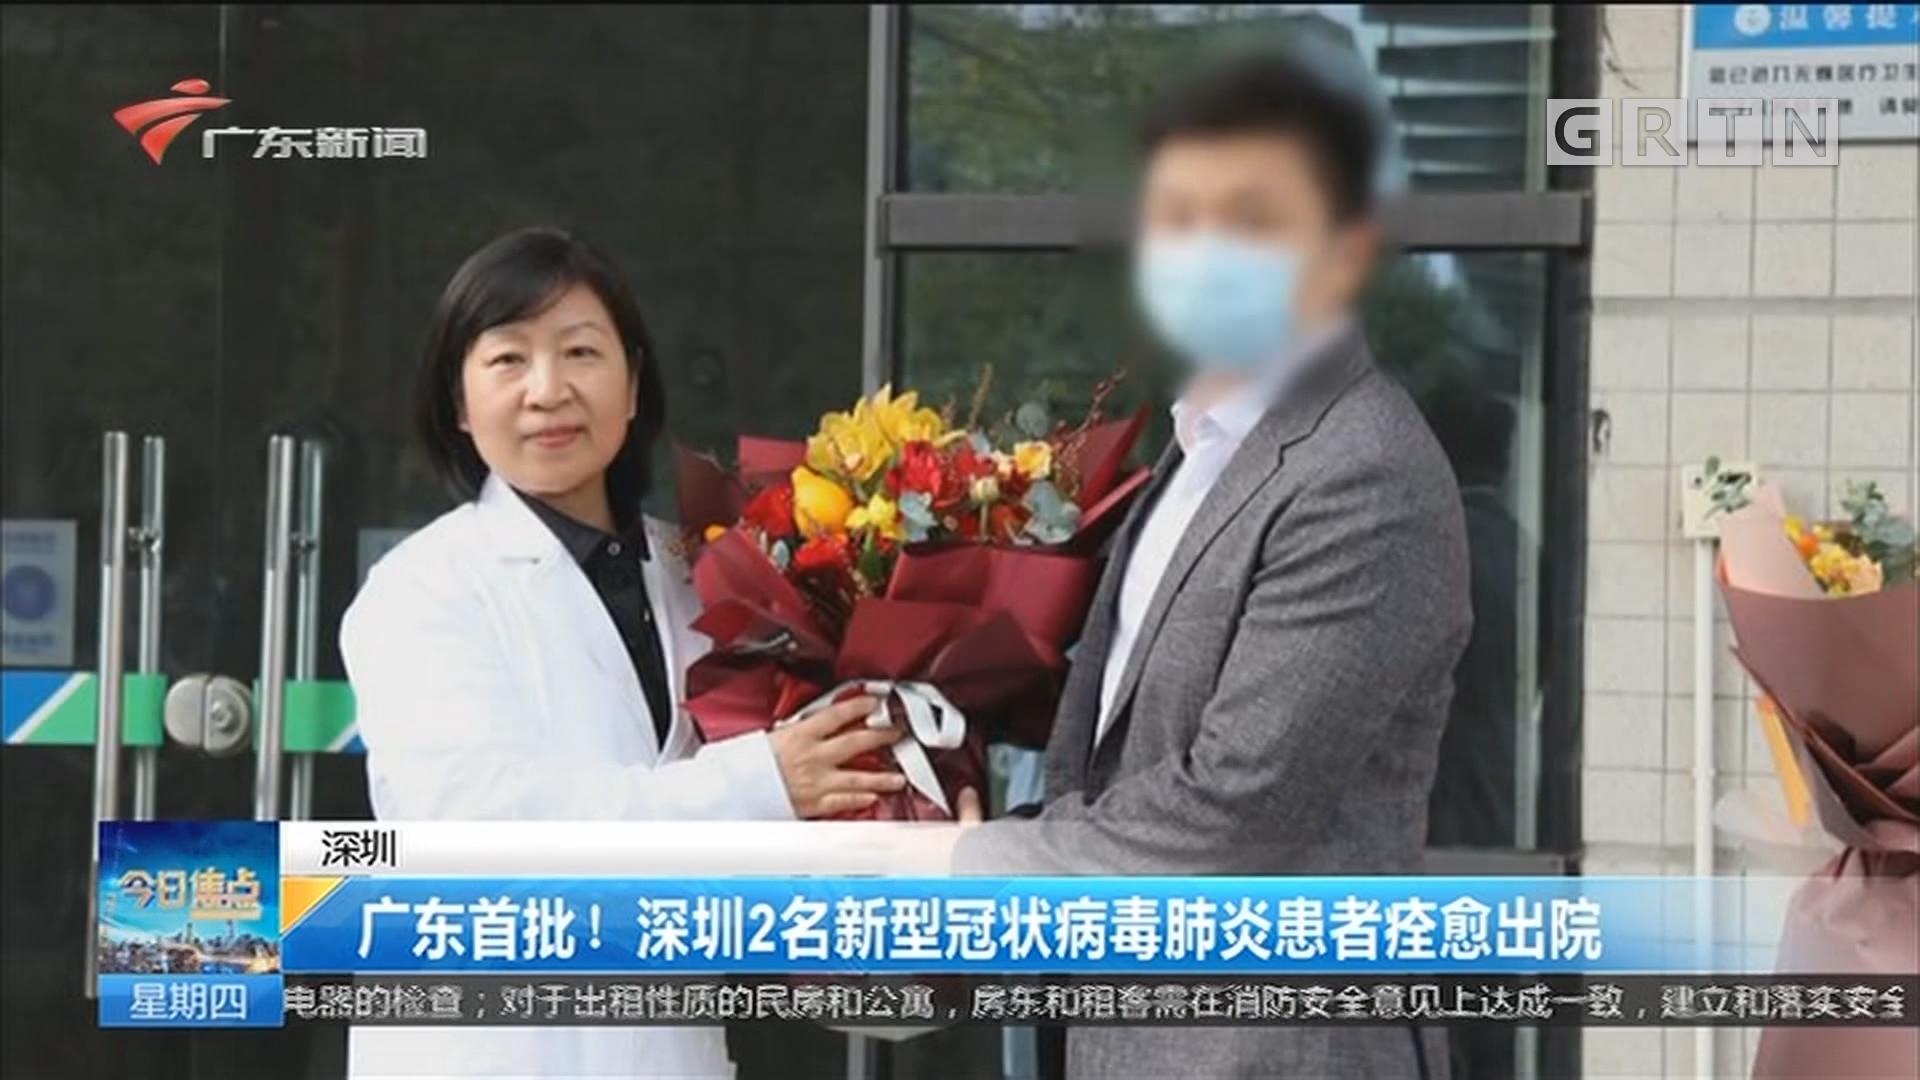 深圳:广东首批!深圳2名新型冠状病毒肺炎患者痊愈出院